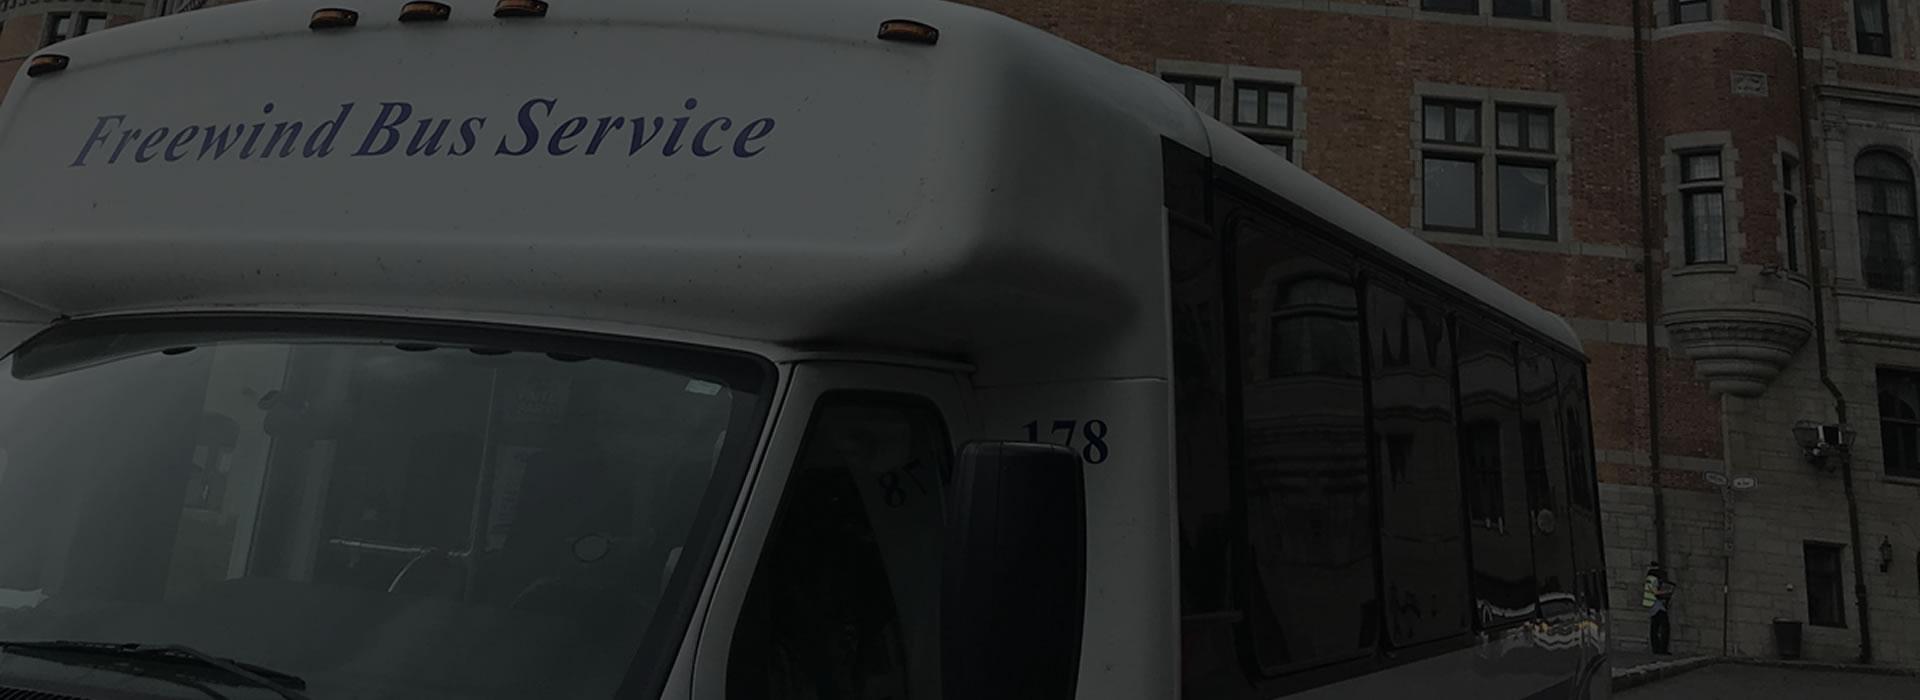 關于我們 - 順風巴士